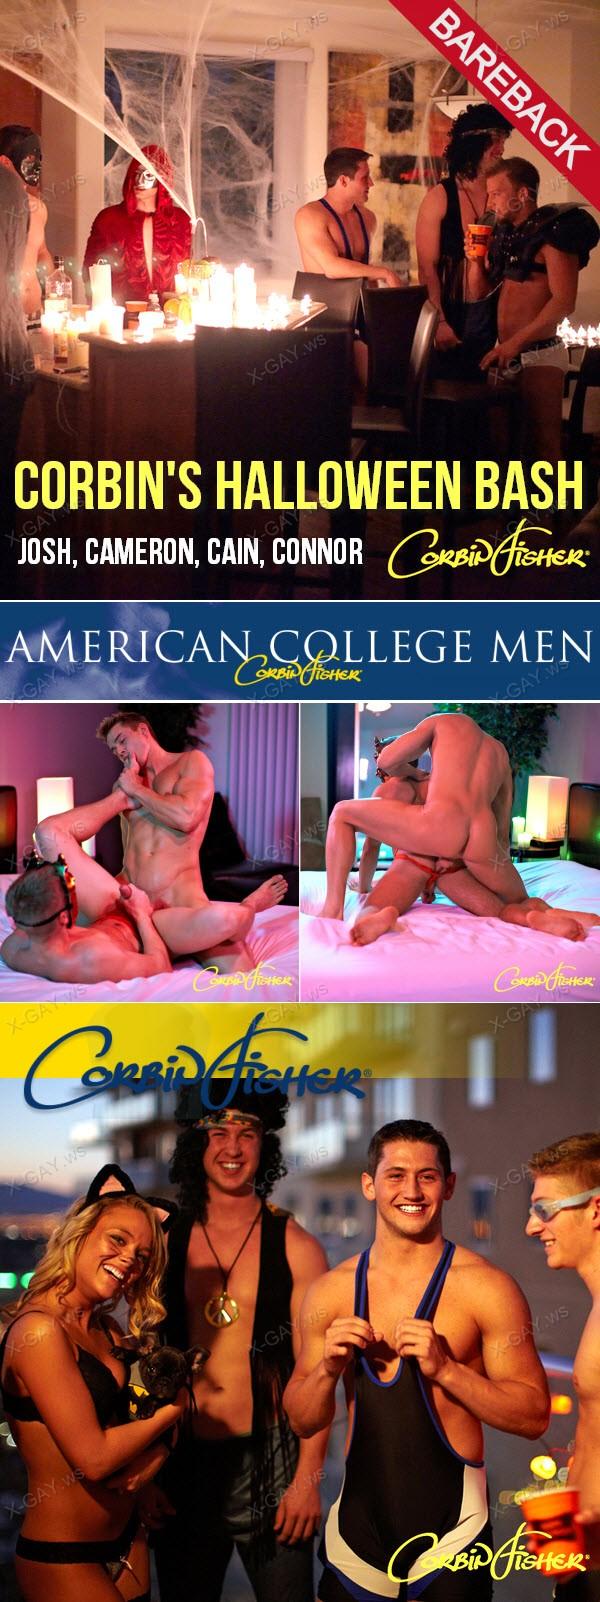 CorbinFisher: Corbin's Halloween Bash (Josh, Cameron, Cain, Connor) (Bareback)